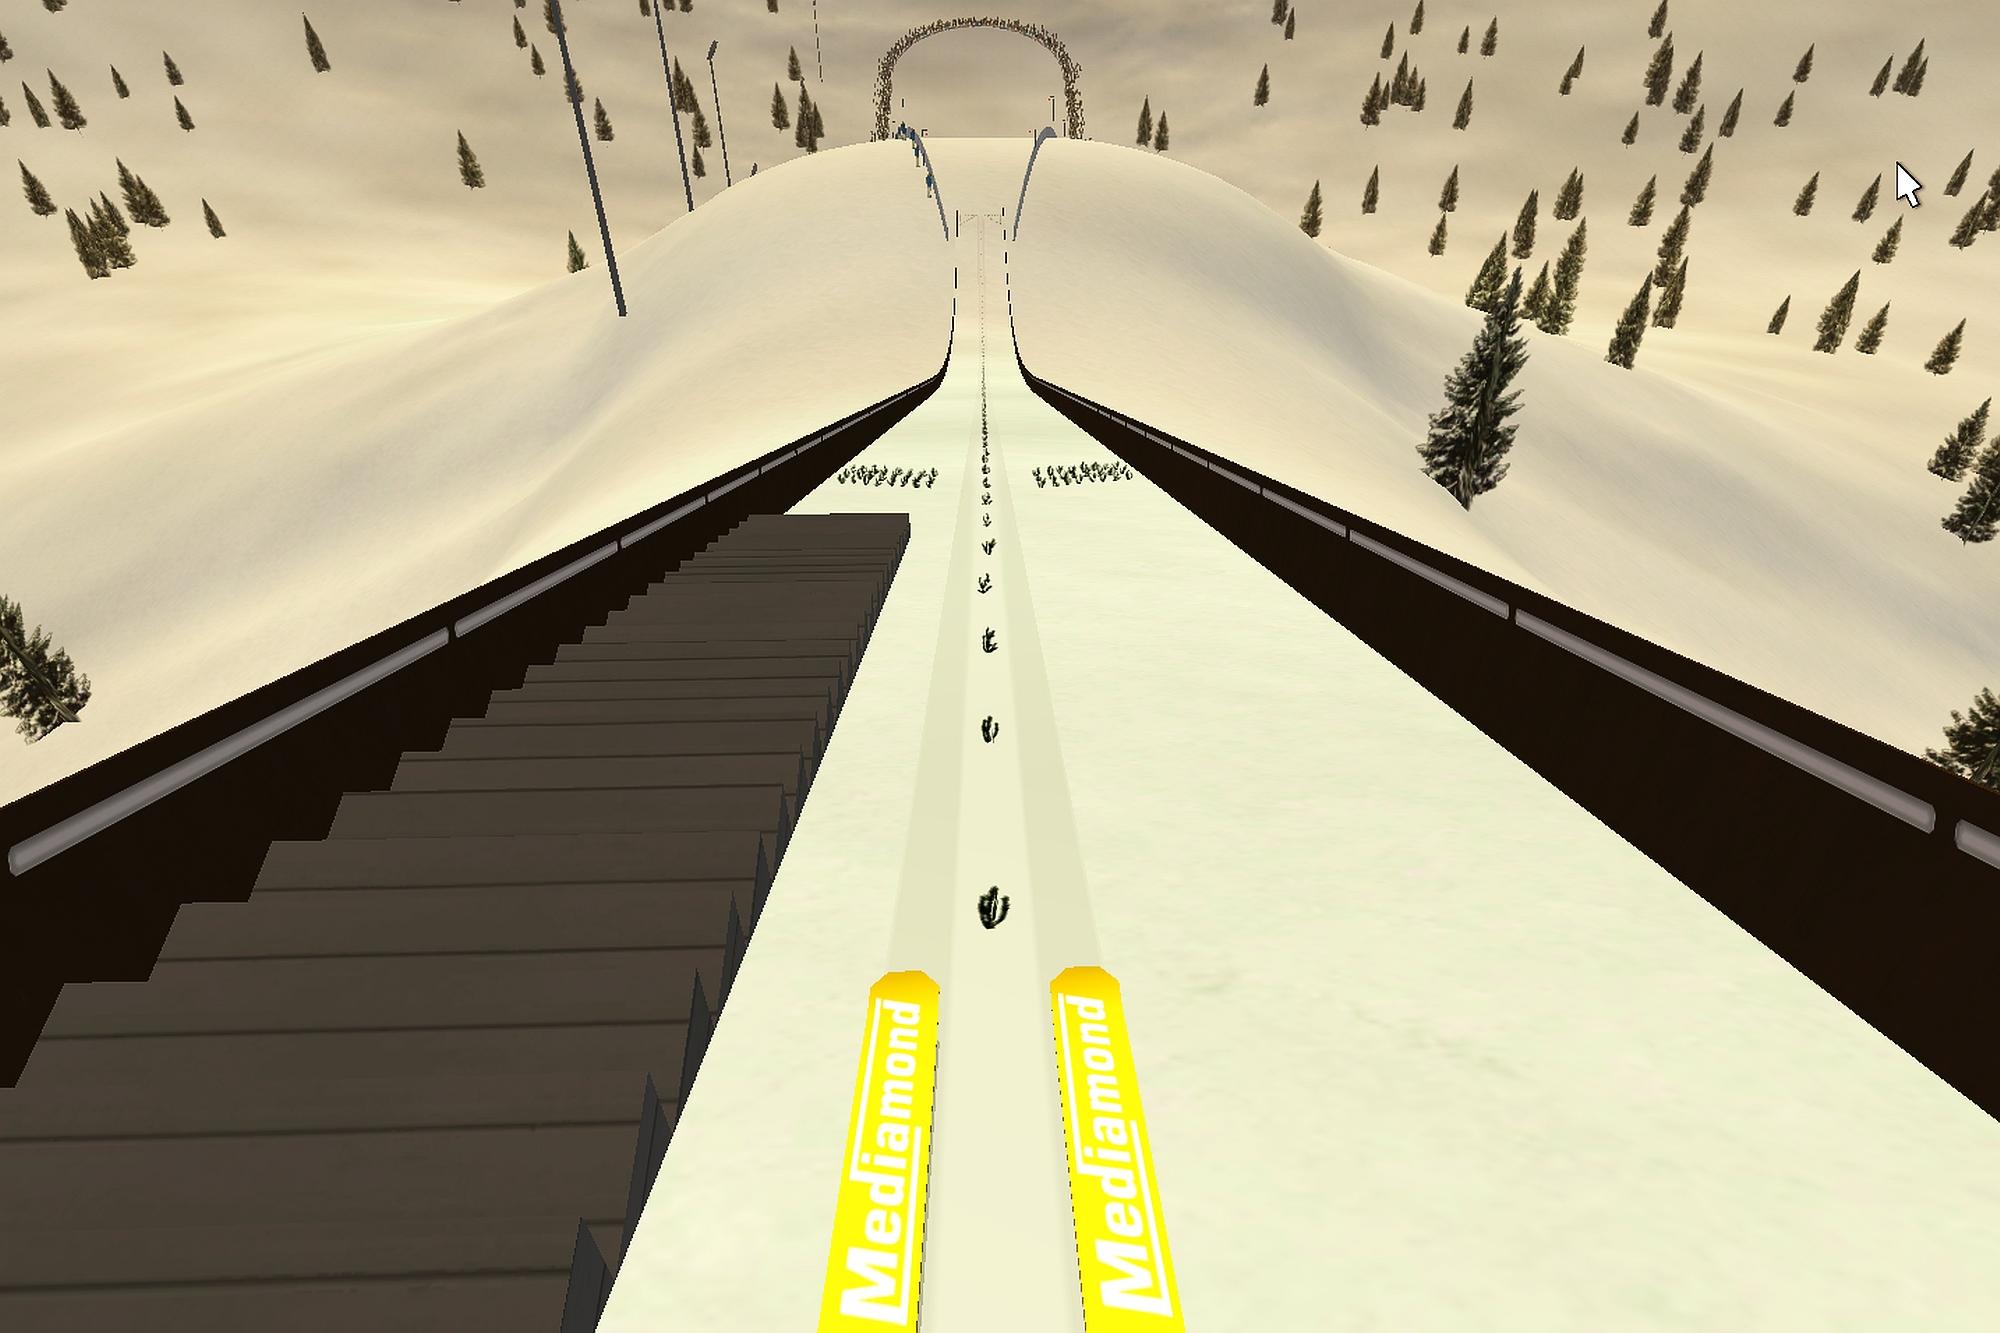 Rewolucyjna odsłona Deluxe Ski Jump 4 już po premierze. Dostępnych aż 85 nowych skoczni!